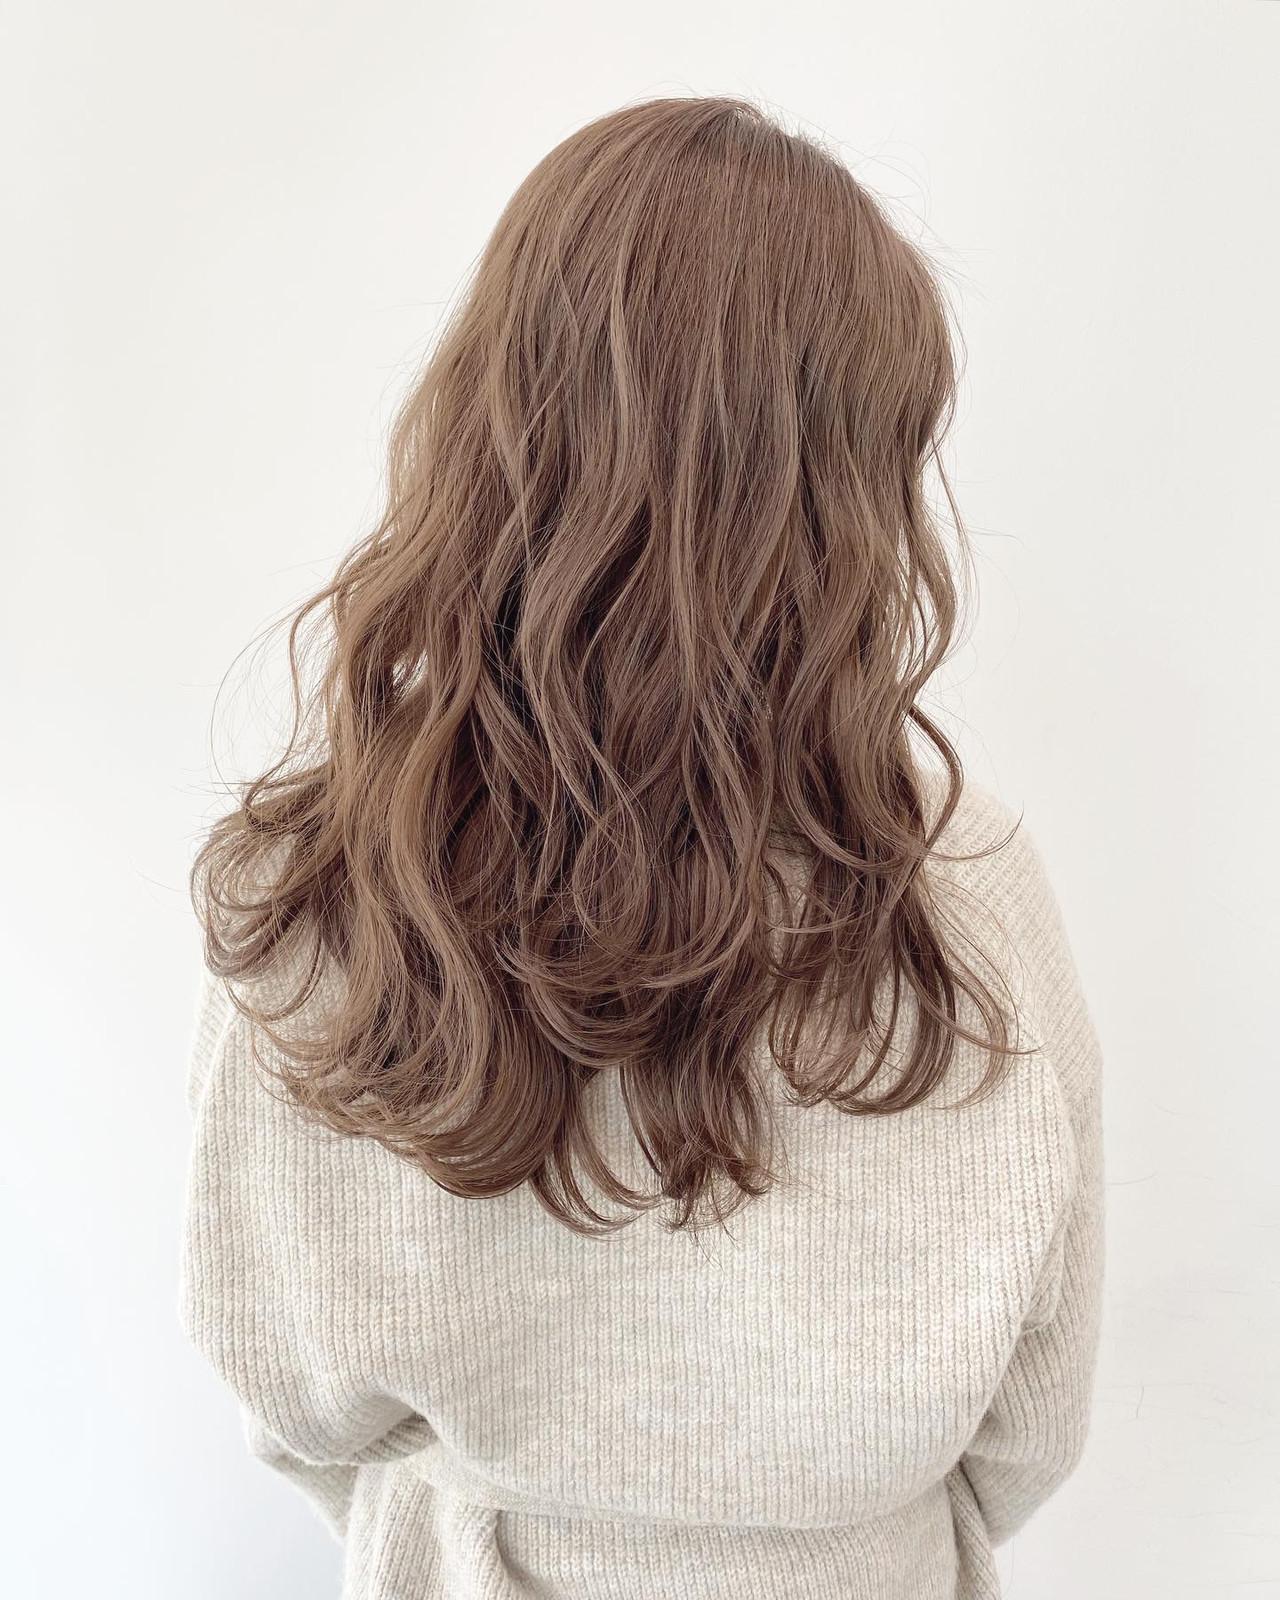 ダブルカラー ミルクティーベージュ ナチュラル ベージュ ヘアスタイルや髪型の写真・画像 | 若山 葵 ALIVE kichijoji / ALIVE 吉祥寺